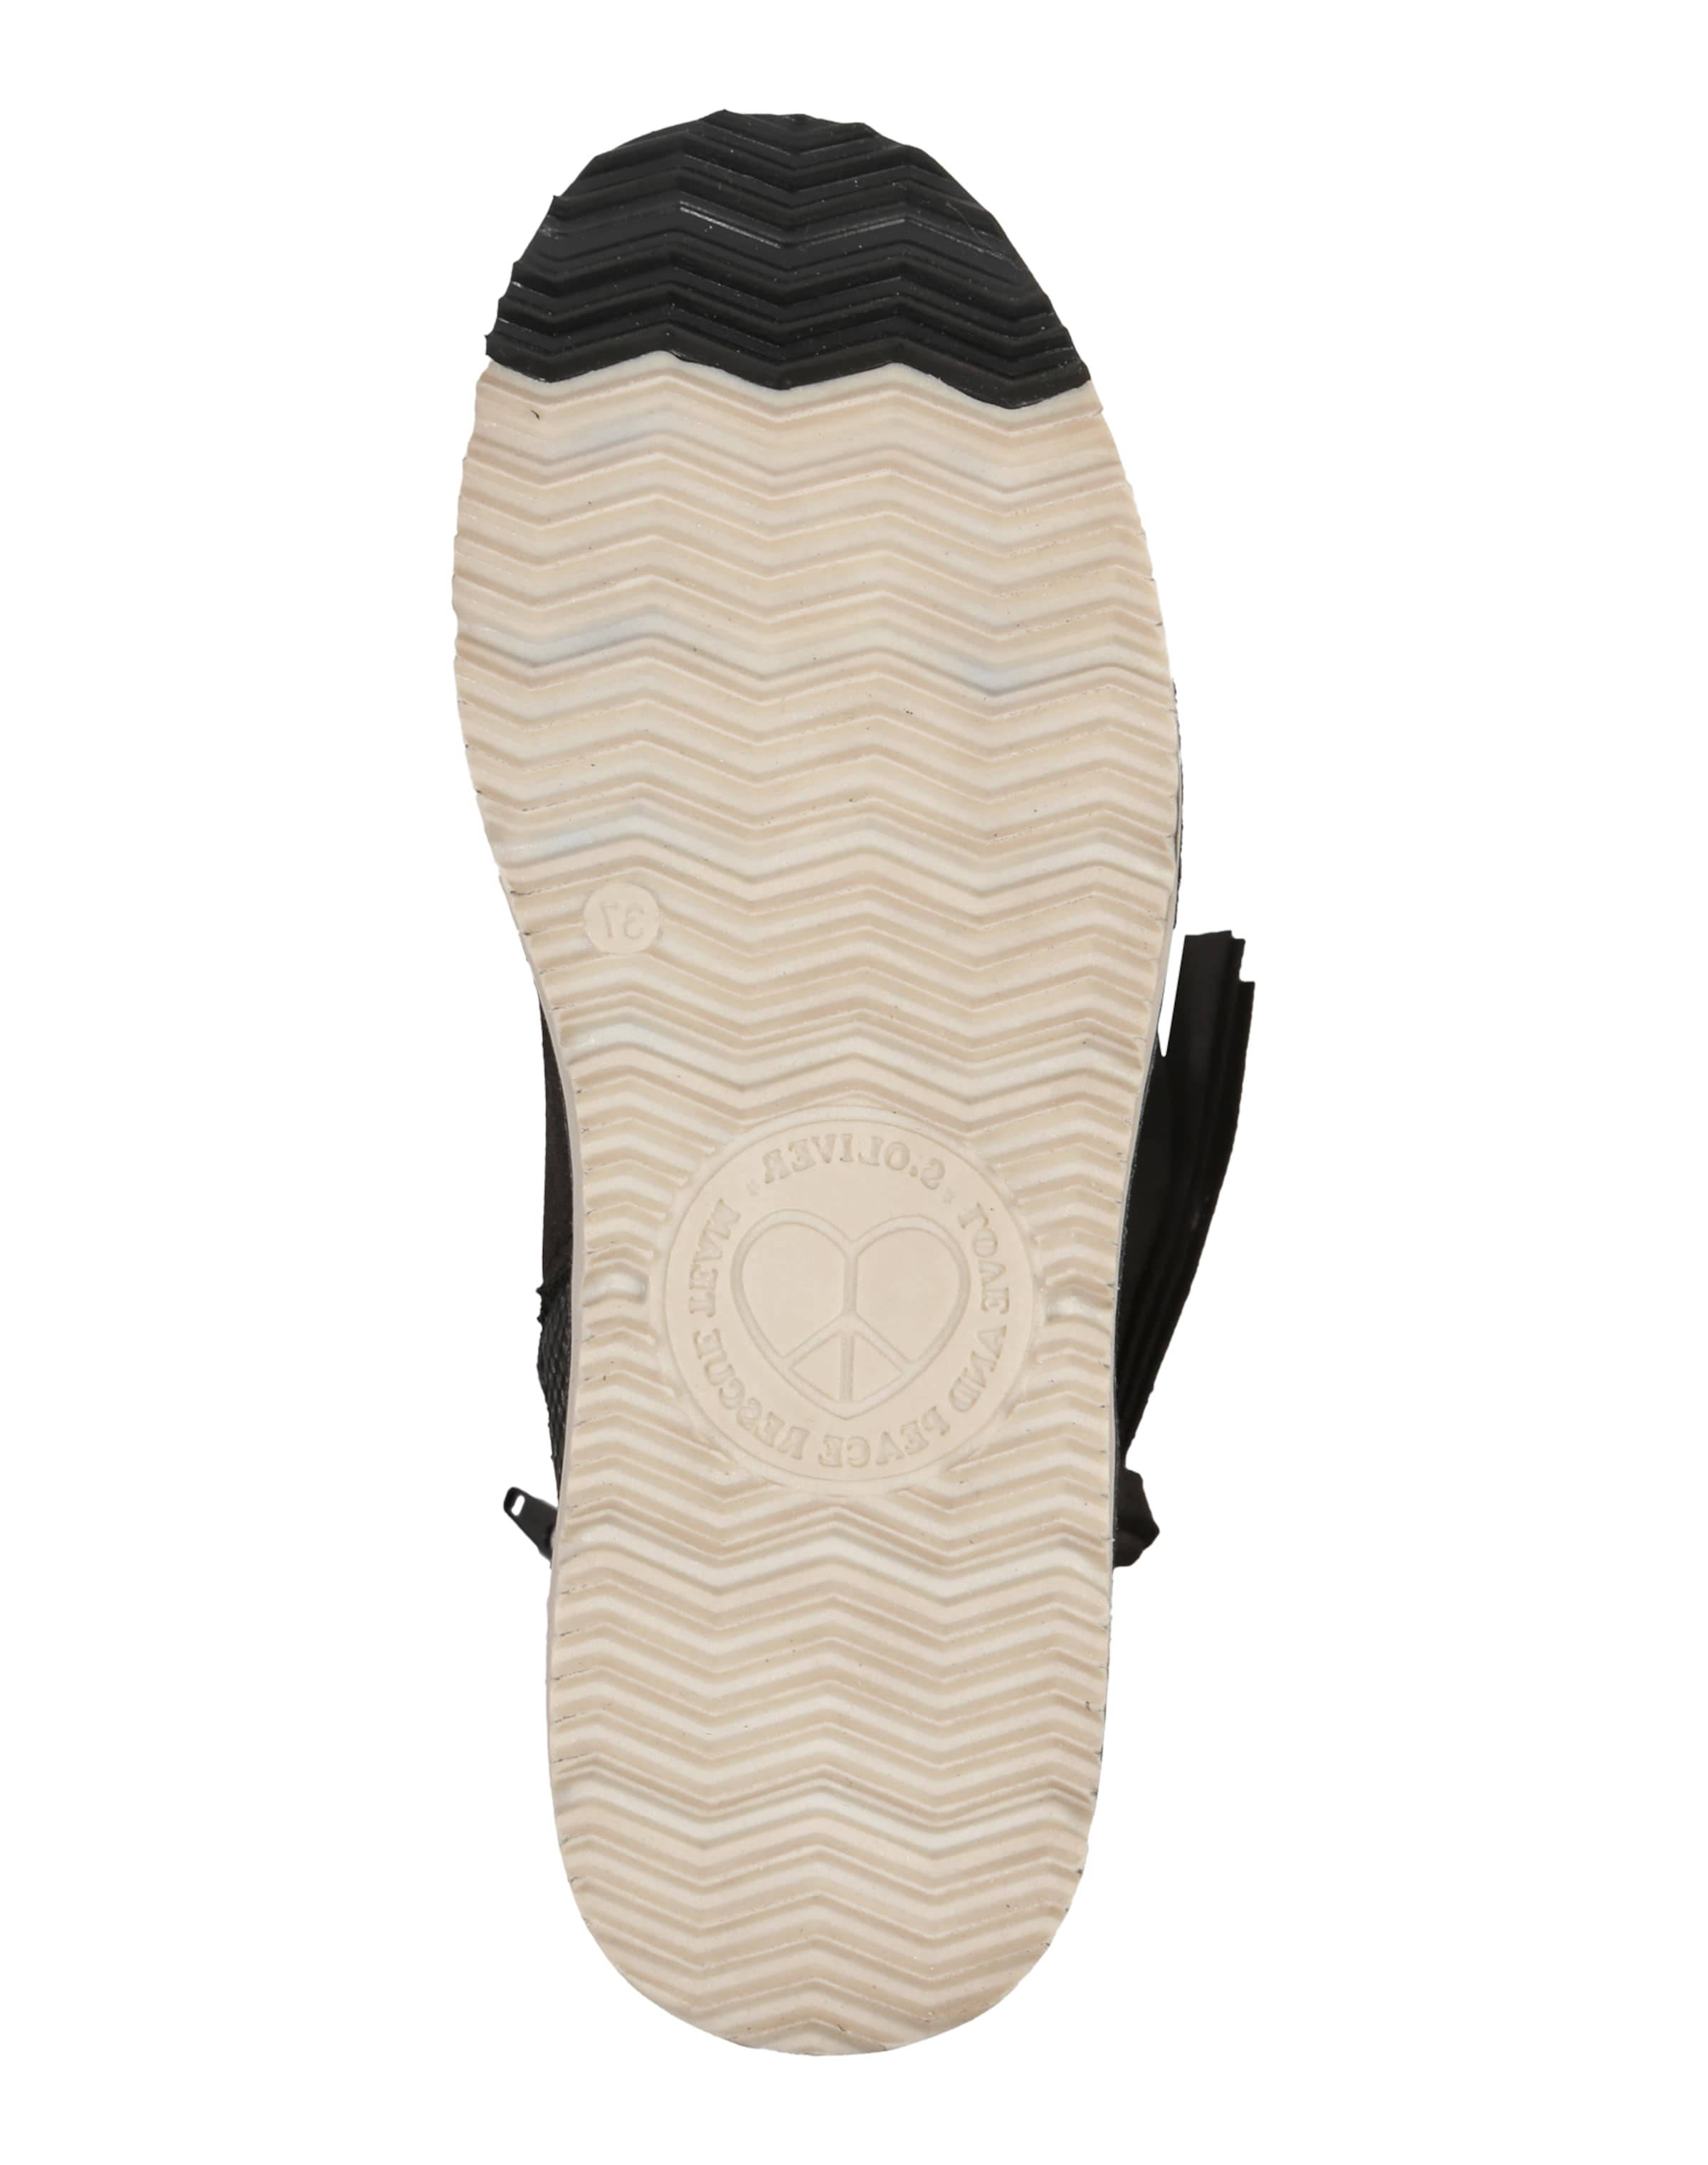 s.Oliver RED LABEL Snowboots mit Kroko-Optik Brandneues Unisex Günstiger Preis Qualität Für Freies Verschiffen Verkauf Freies Verschiffen Preiswerteste Einkaufen Outlet Online mxCMCN